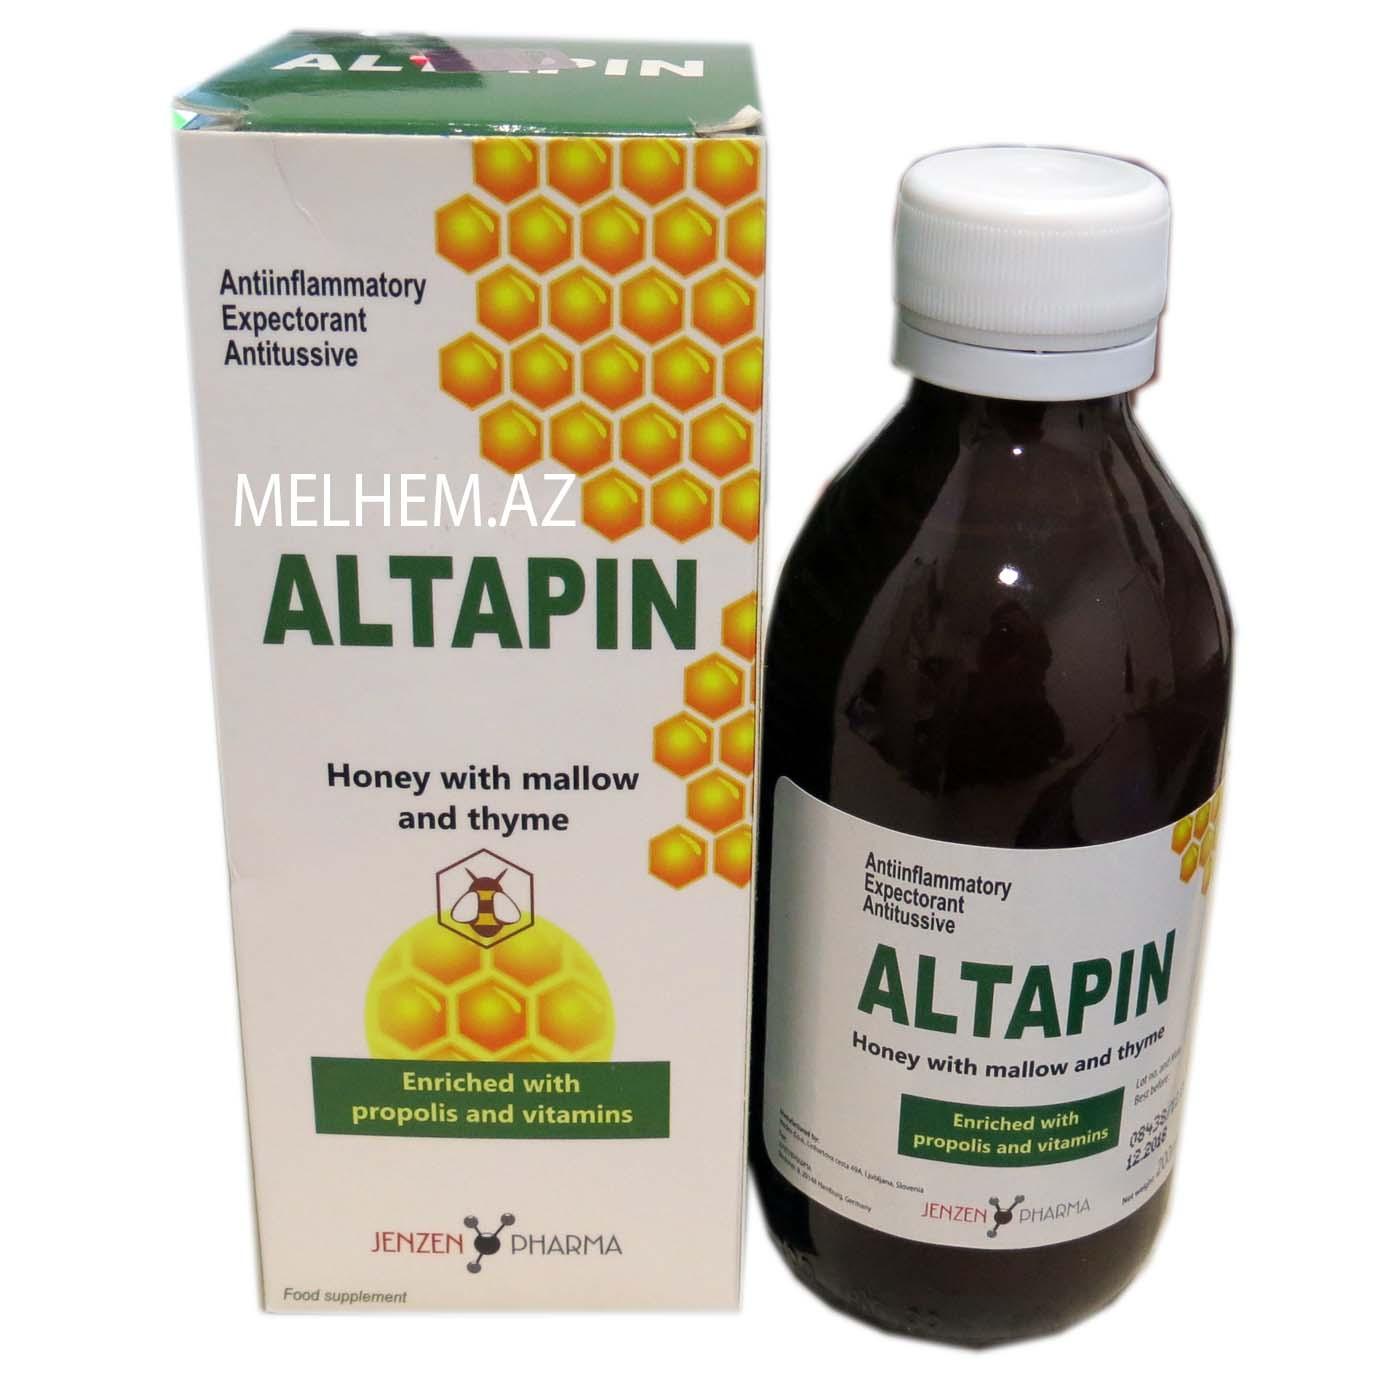 ALTAPİN